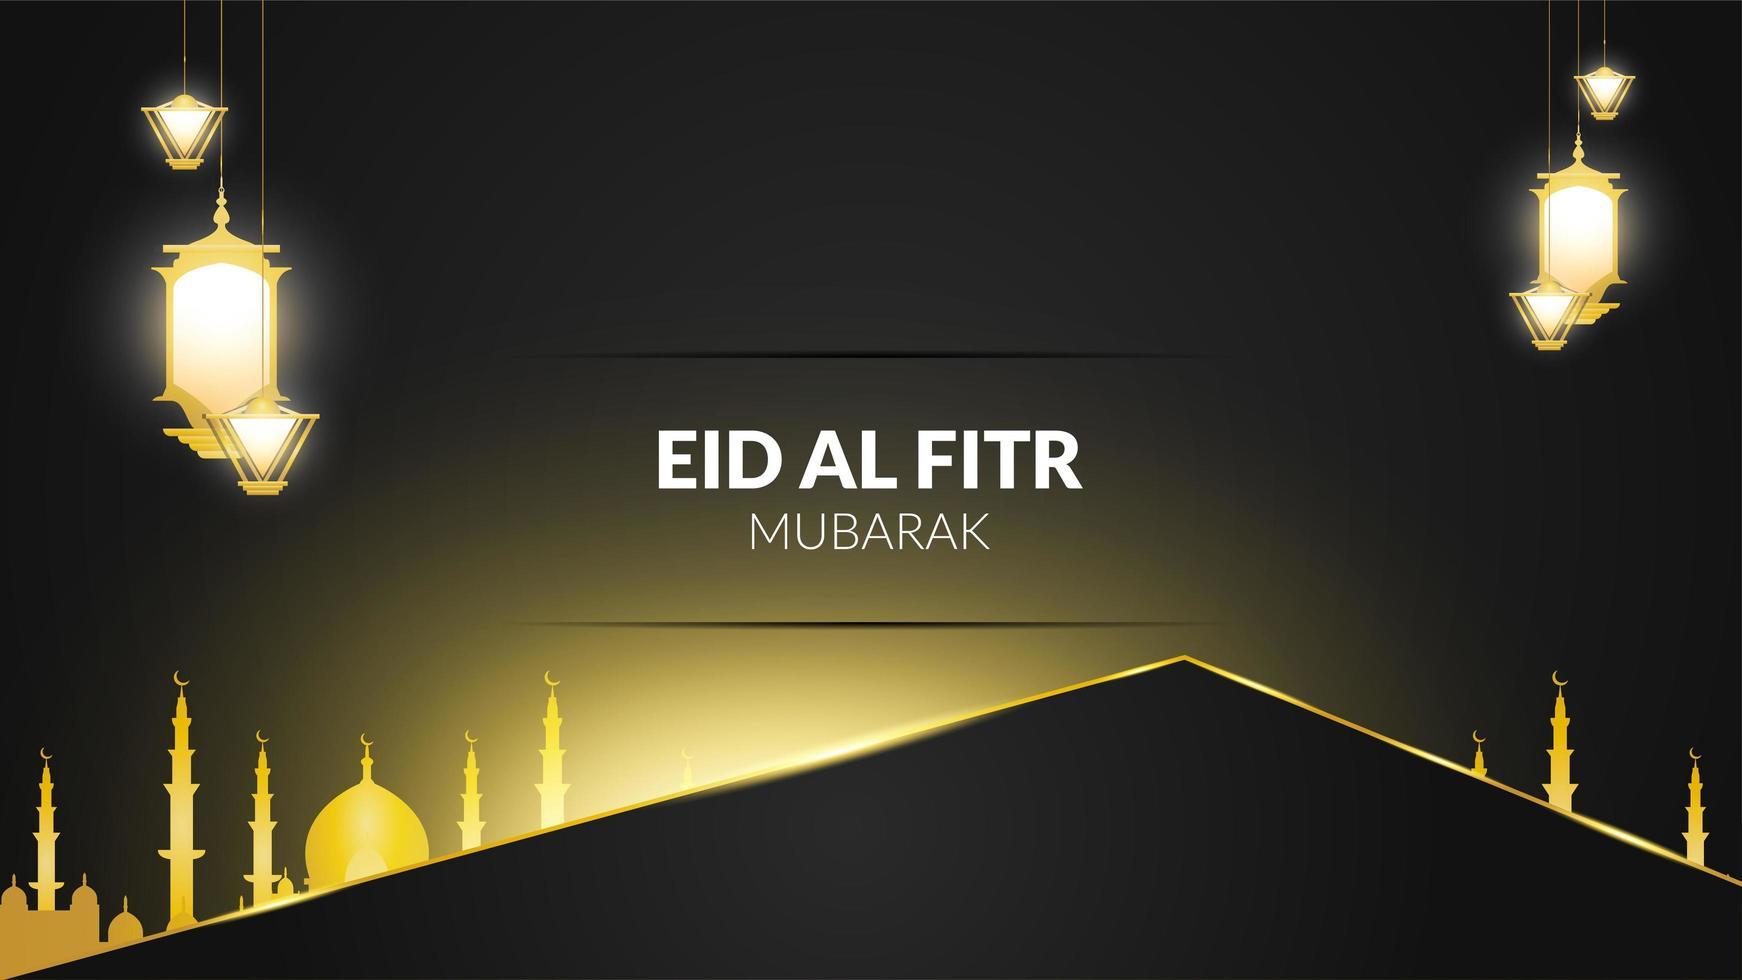 eid al-fitr lanternas em preto e dourado vetor